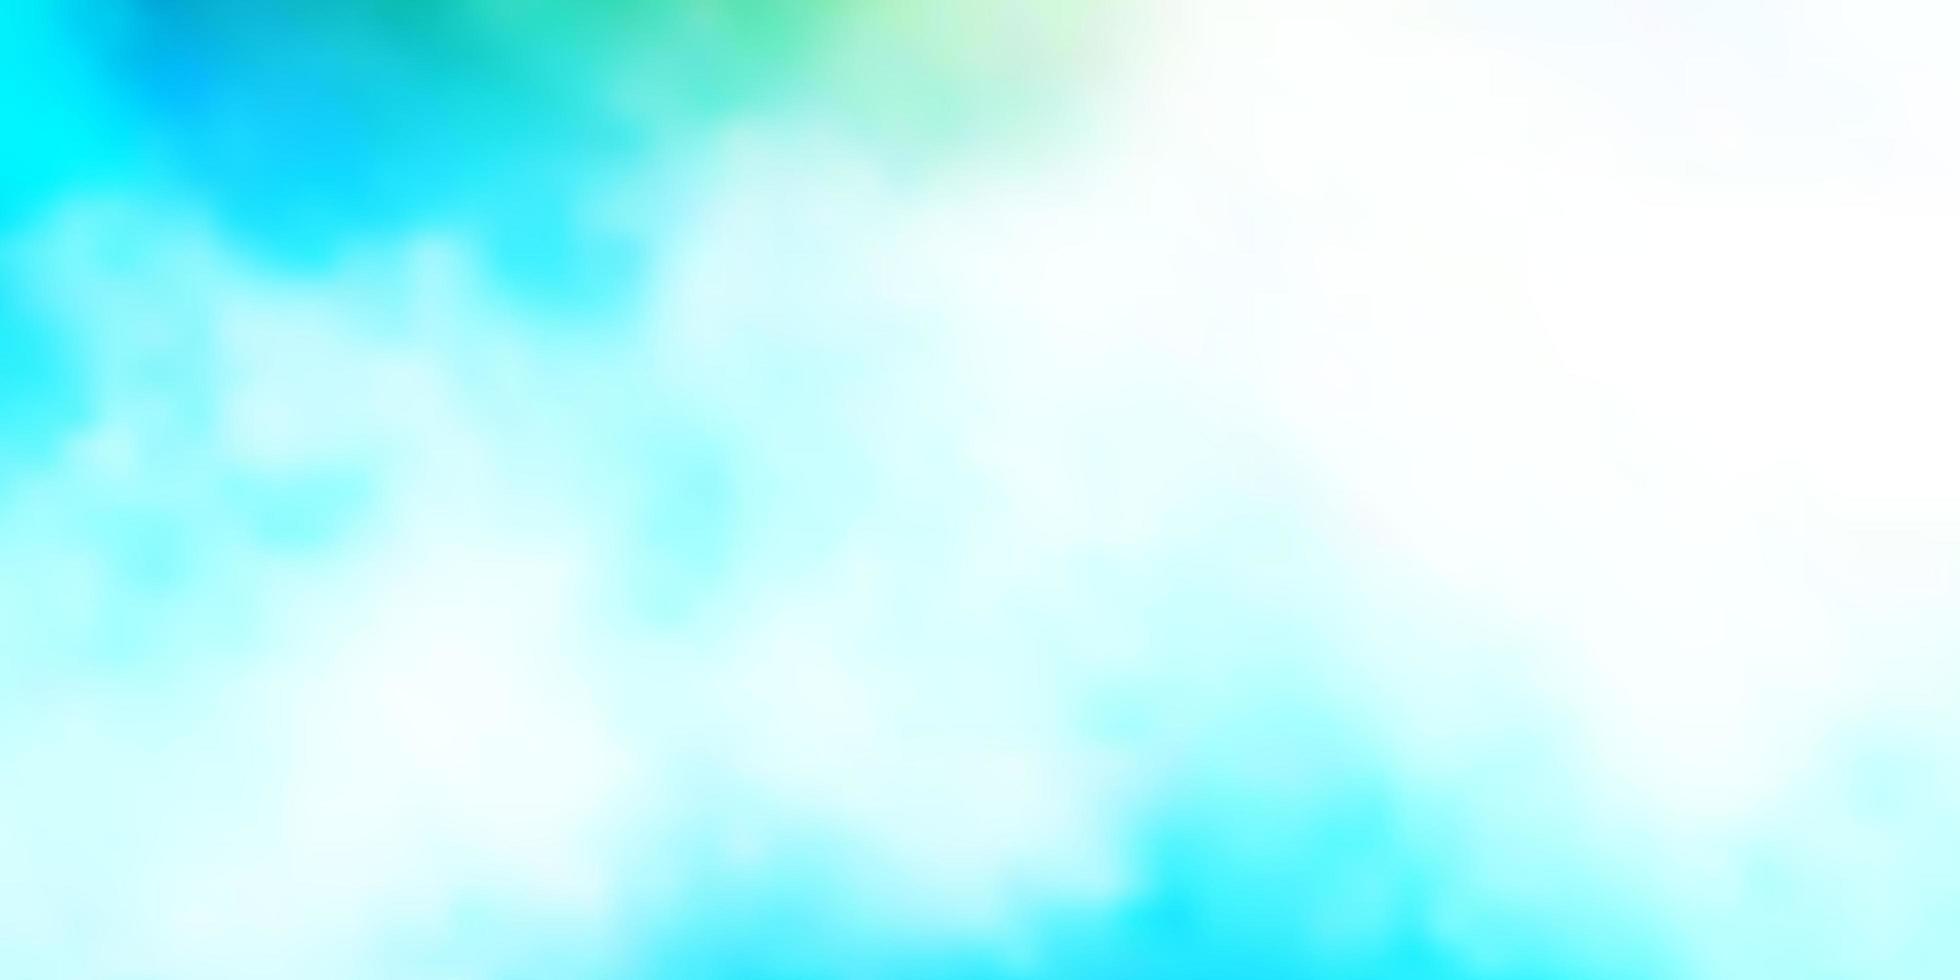 fundo azul claro, verde do vetor com nuvens.